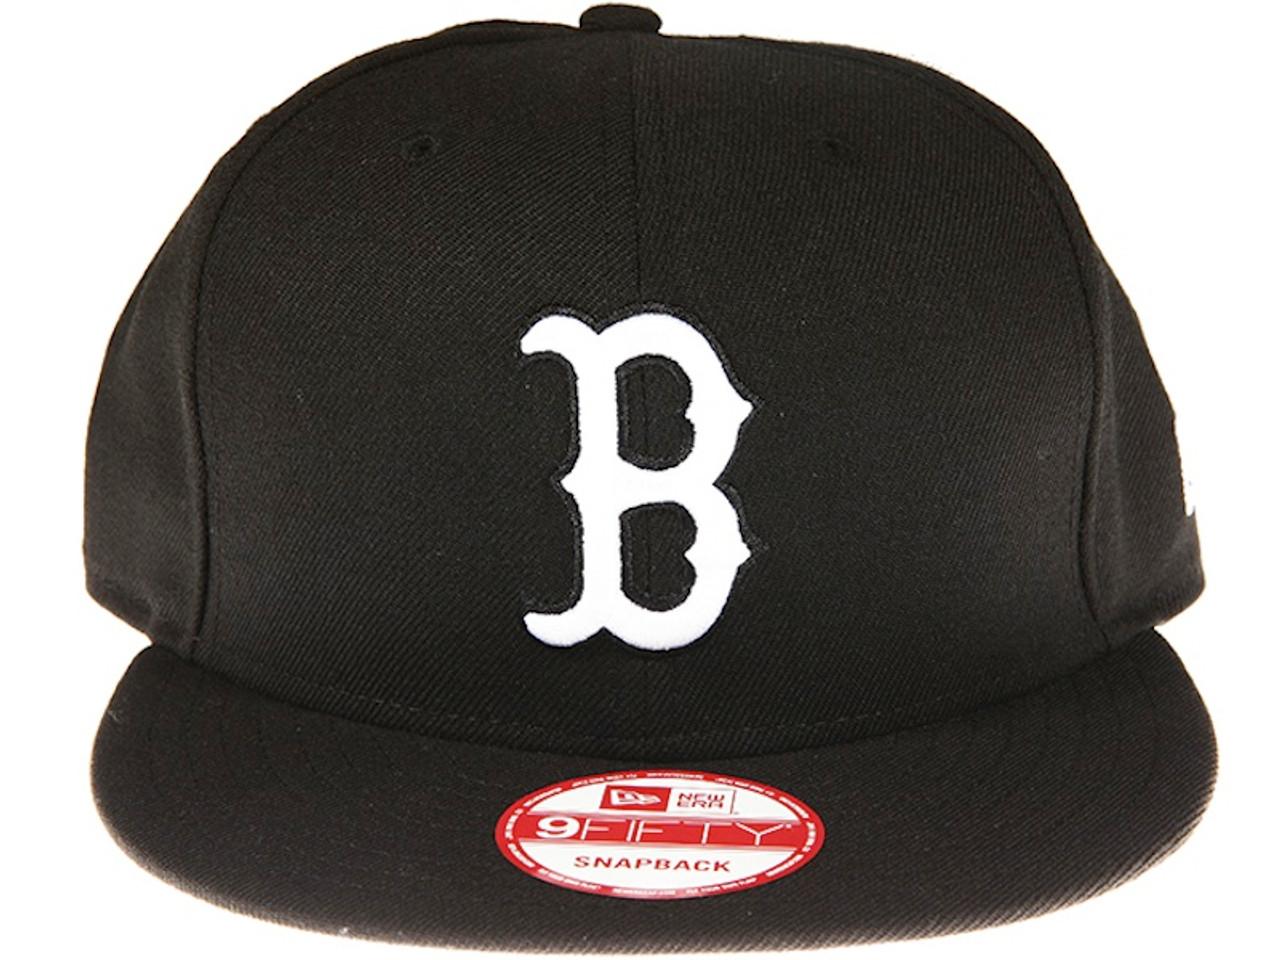 5e99361819a63d Boston Red Sox Black New Era 9FIFTY MLB Snapback Hat. New Era Caps